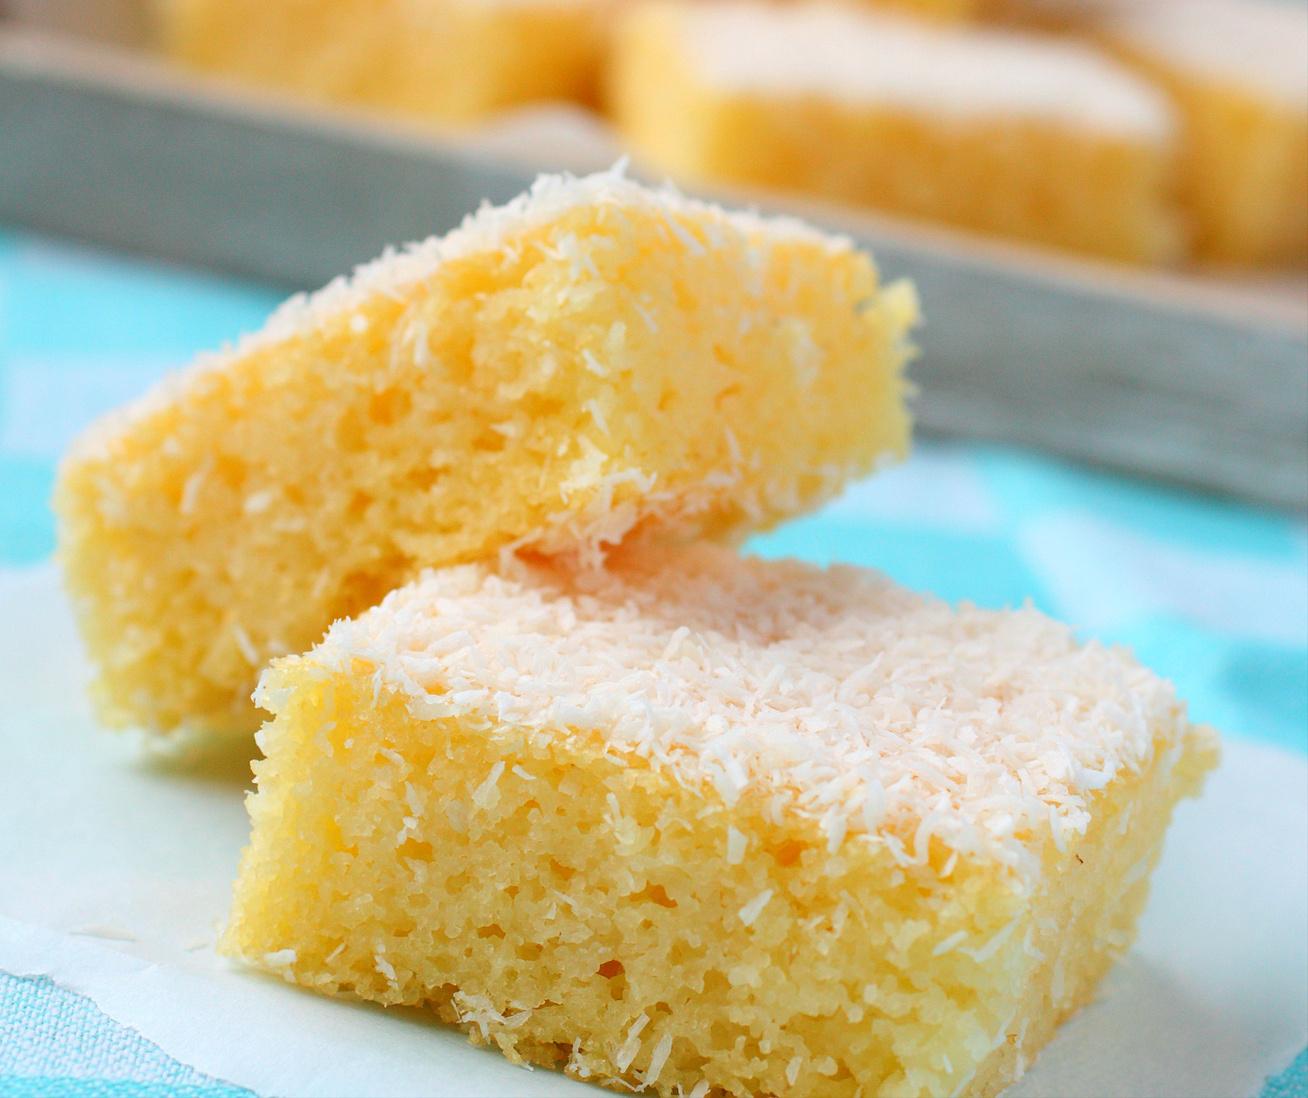 Pillekönnyű kókuszos-grízes kevert süti, amit képtelenség elrontani